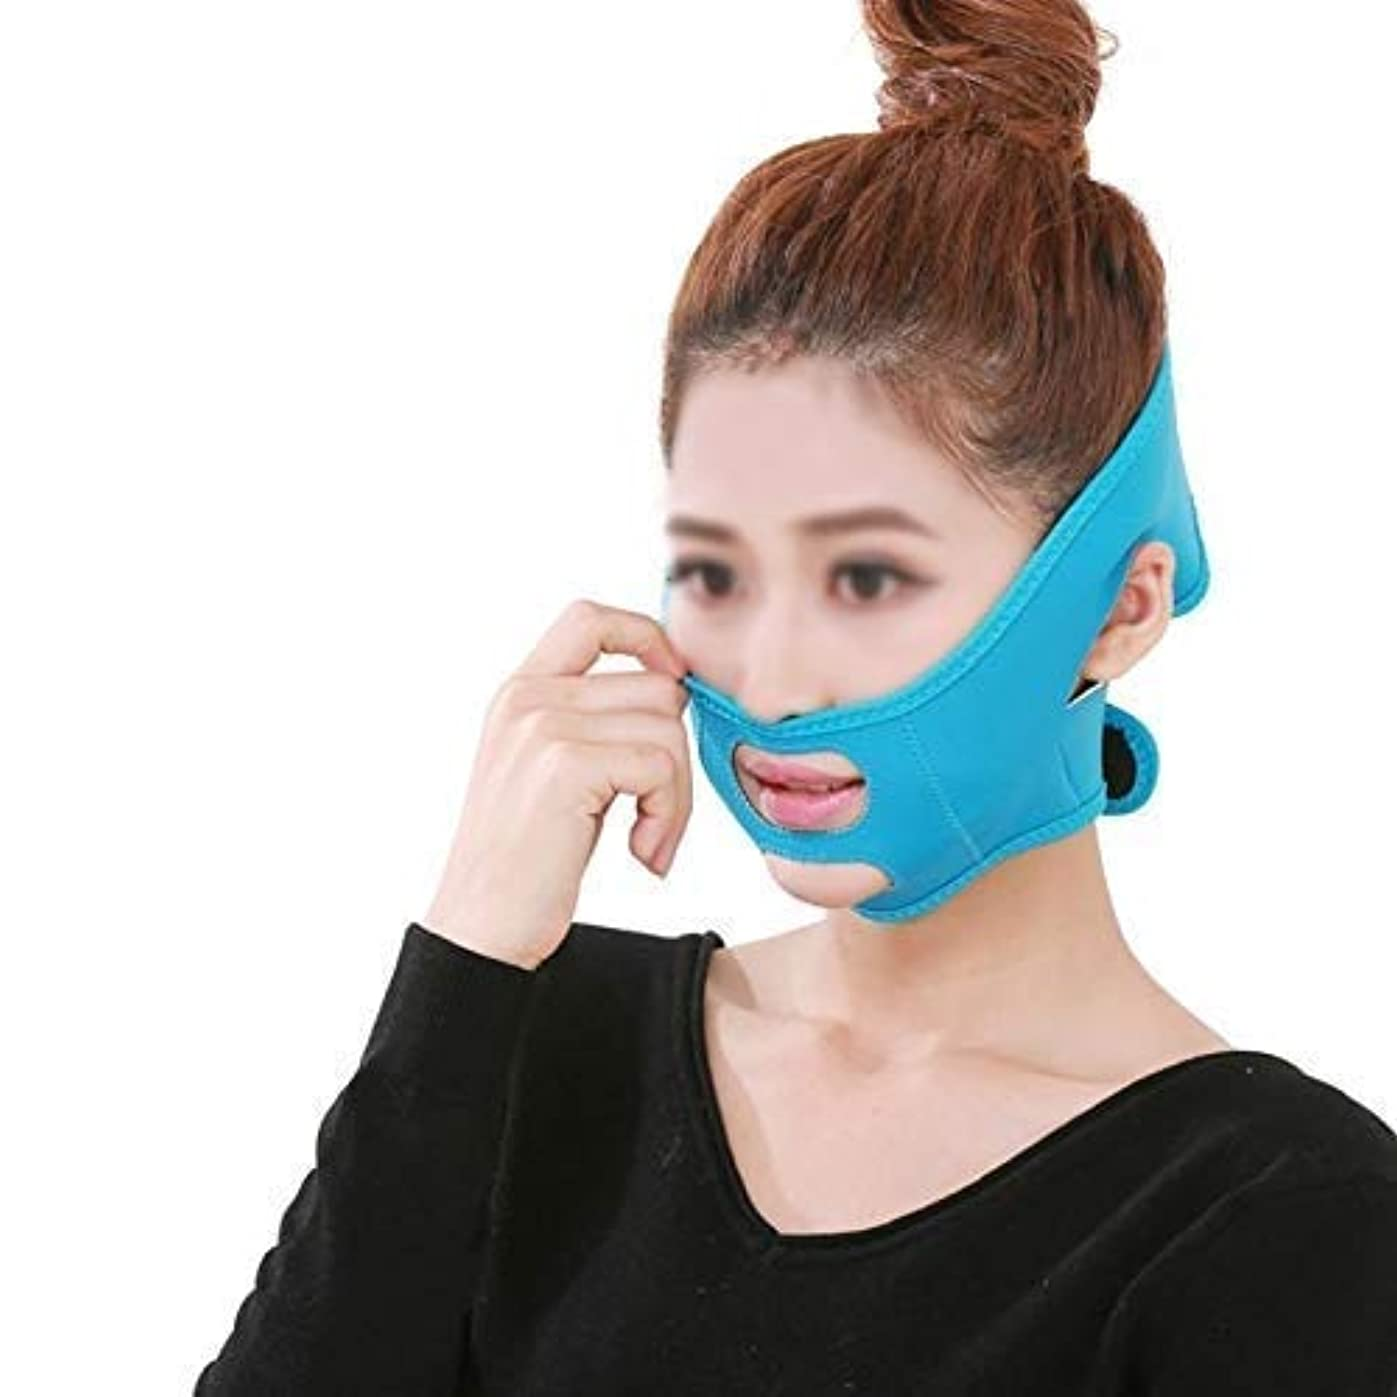 転用エアコンソーシャルフェイスリフトフェイシャル、フェイシャルマスクVフェイスマスクタイトで肌のリラクゼーションを防止Vフェイスアーティファクトフェイスリフトバンデージフェイスケア(色:青)